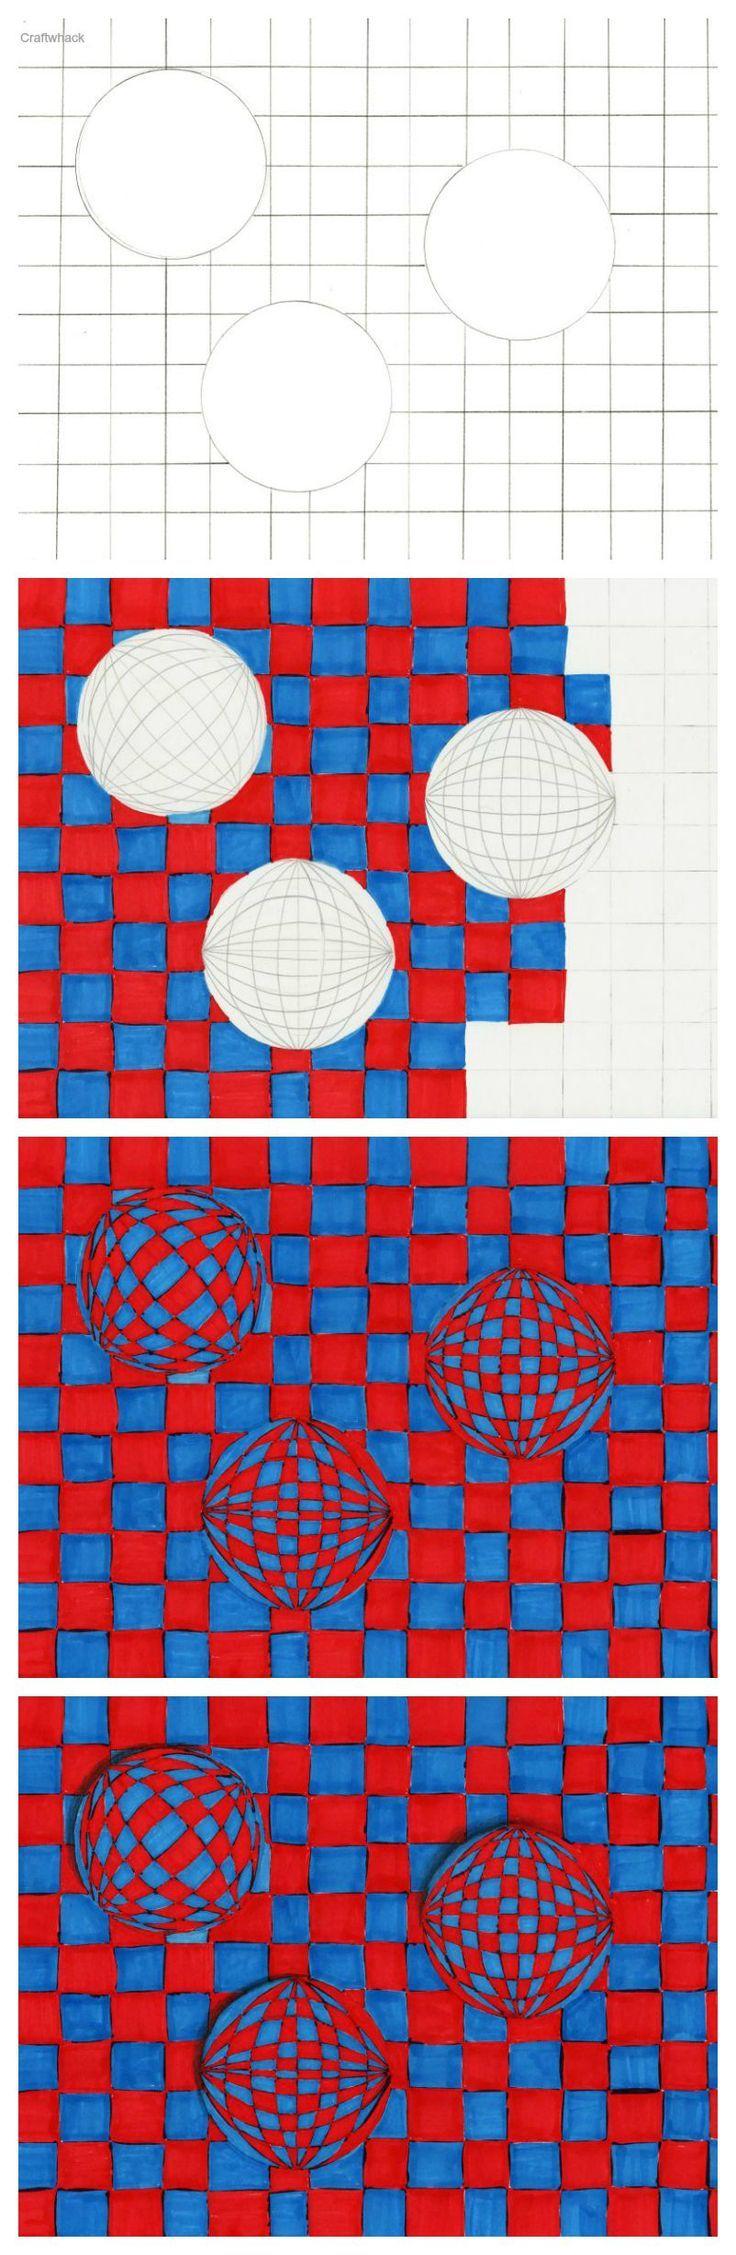 Cool Op Art Sphere Drawings